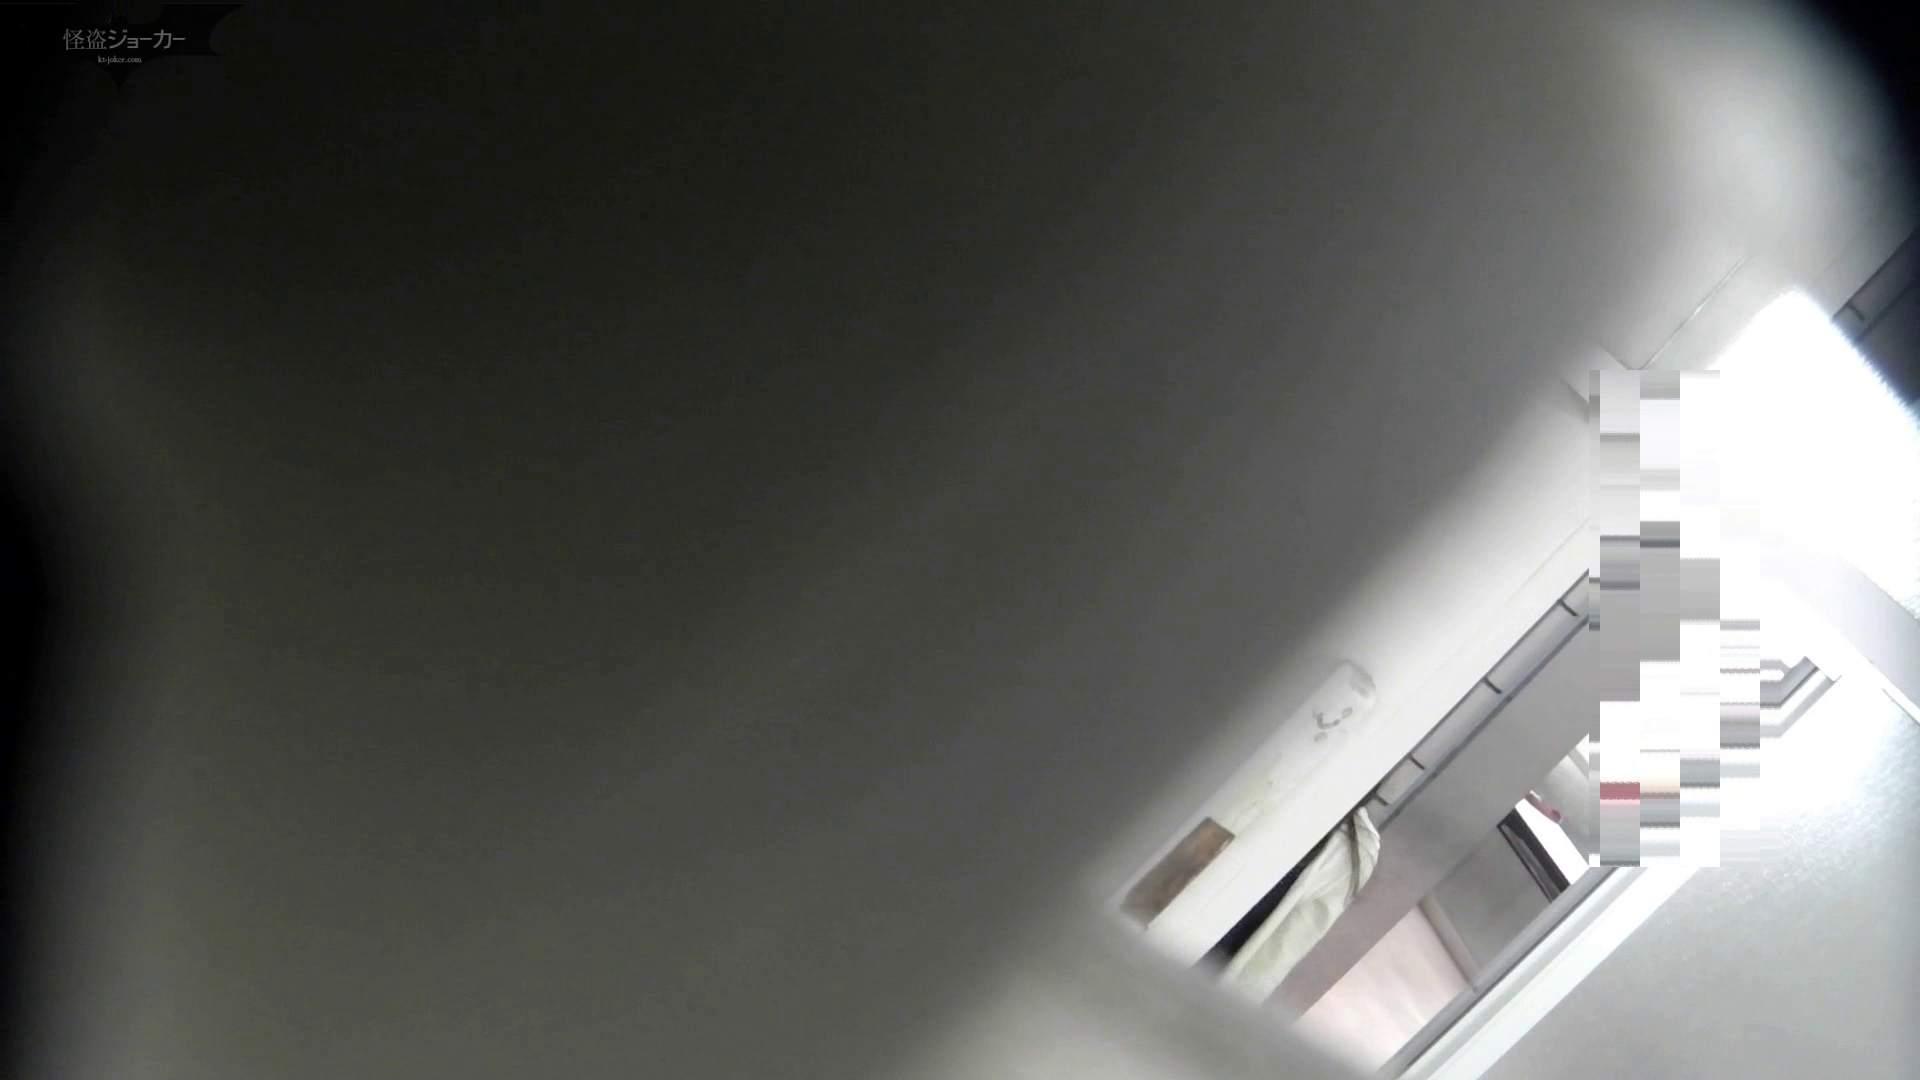 【美しき個室な世界】洗面所特攻隊 vol.046 更に進化【2015・07位】 高評価 | 洗面所  91画像 85